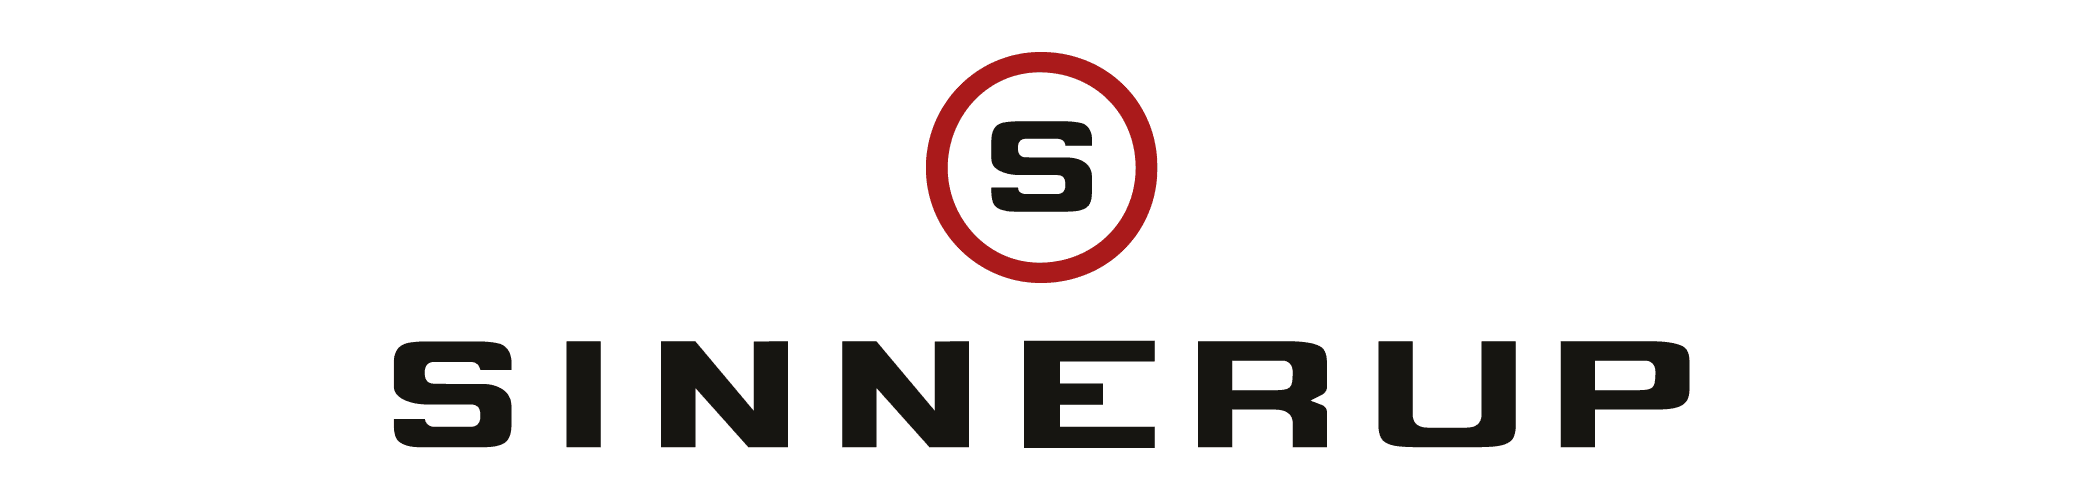 Se alle SINNERUP's deals